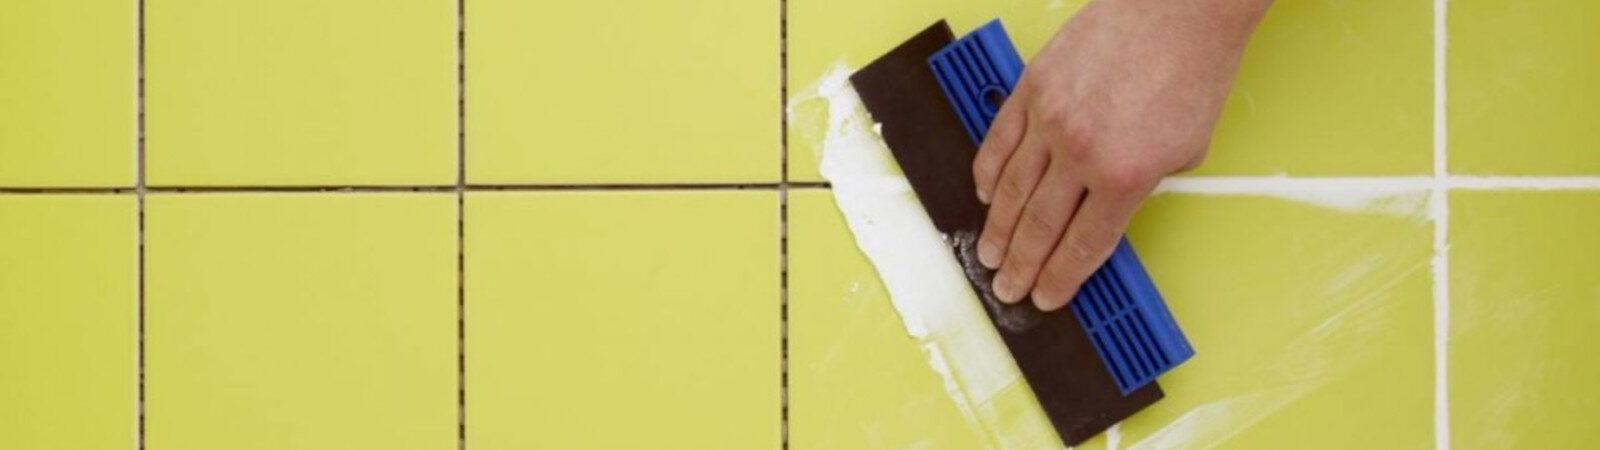 Як зробити затірку швів плитки